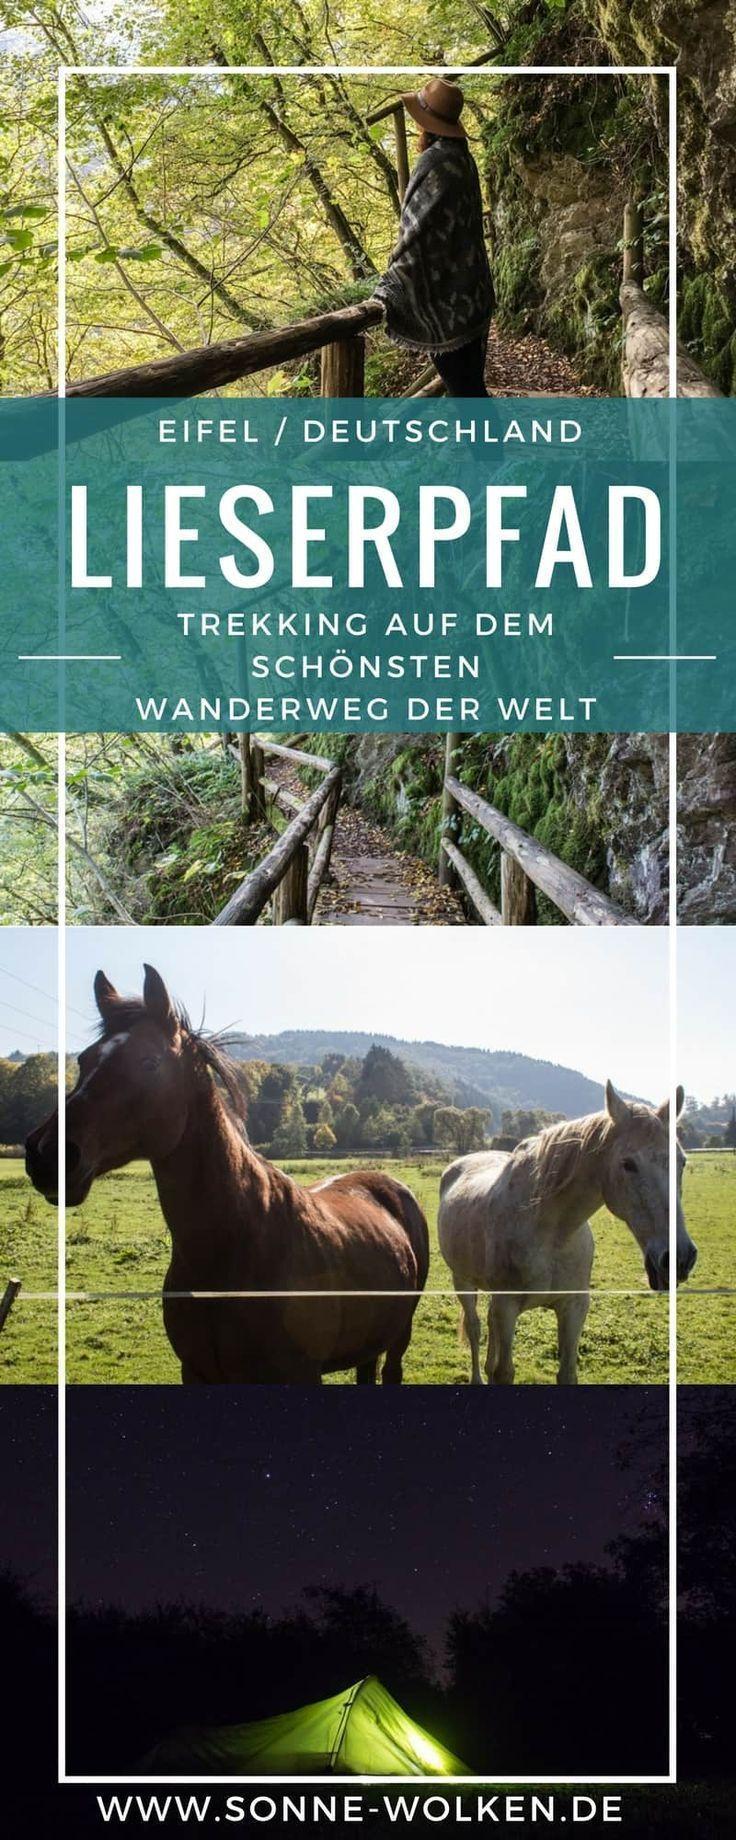 Lieserpfad – Trekking auf dem schönsten Wanderweg der Welt